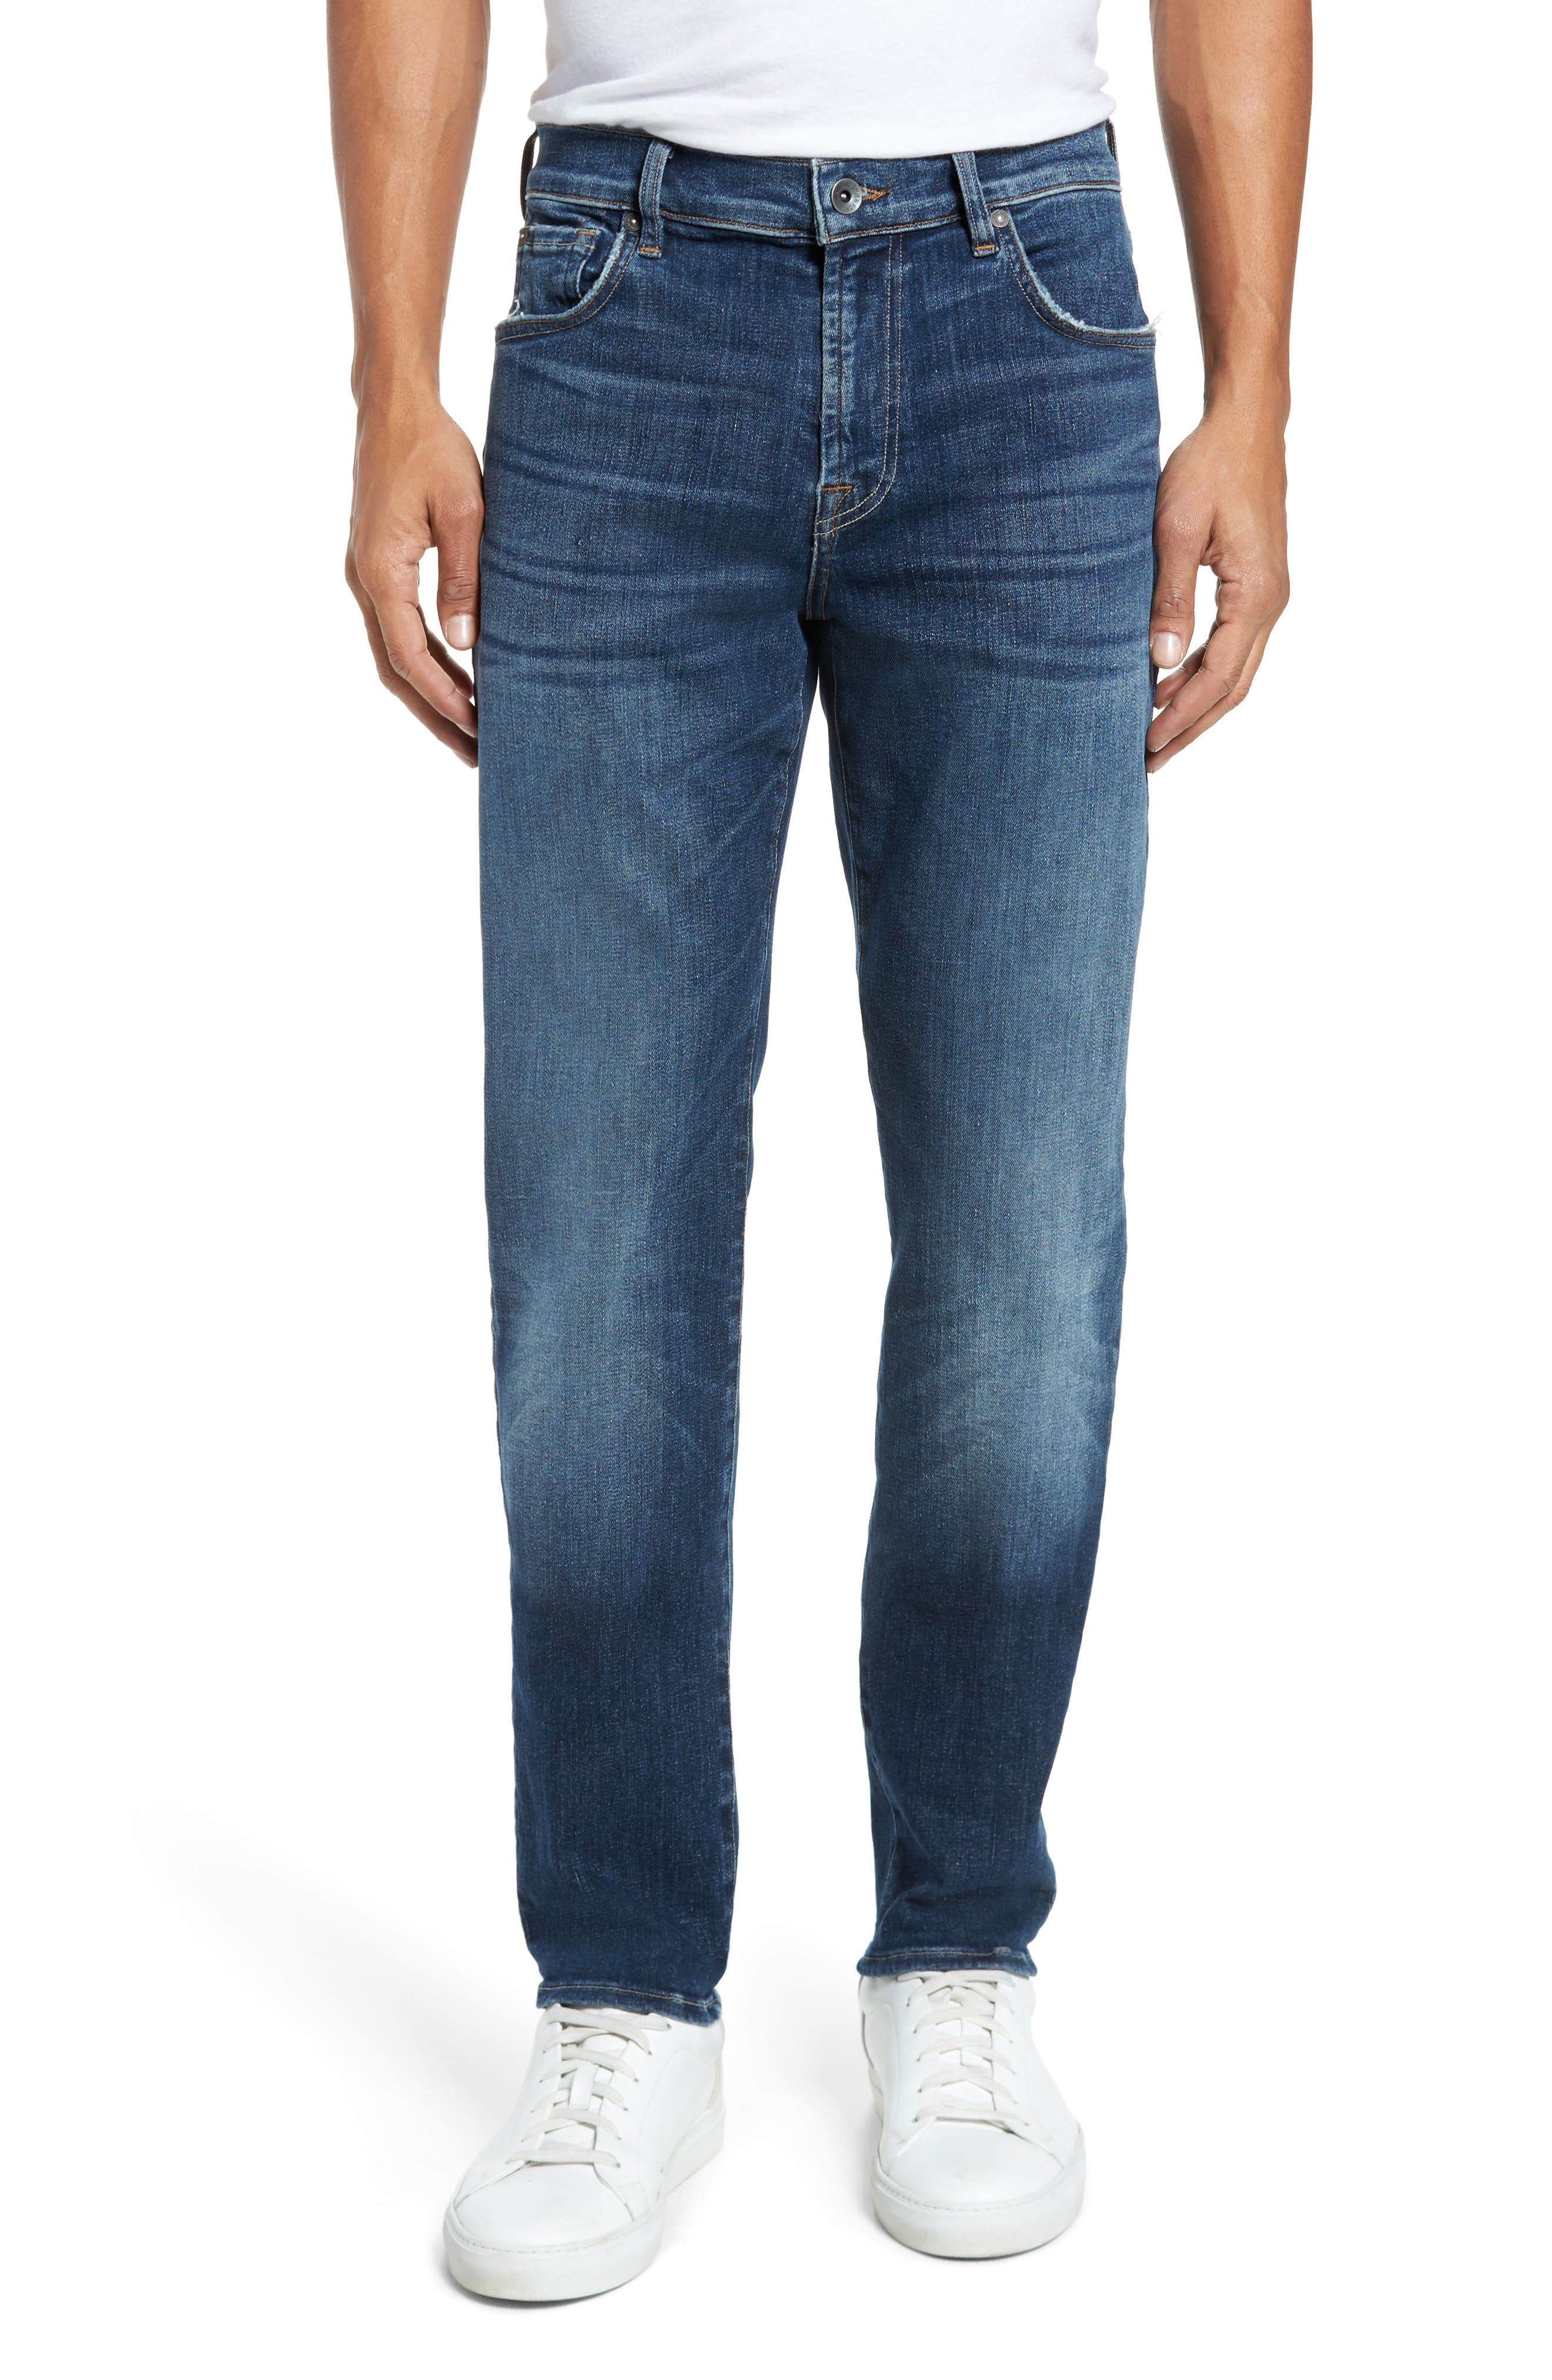 Adrien Slim Fit Jeans,                             Main thumbnail 1, color,                             402